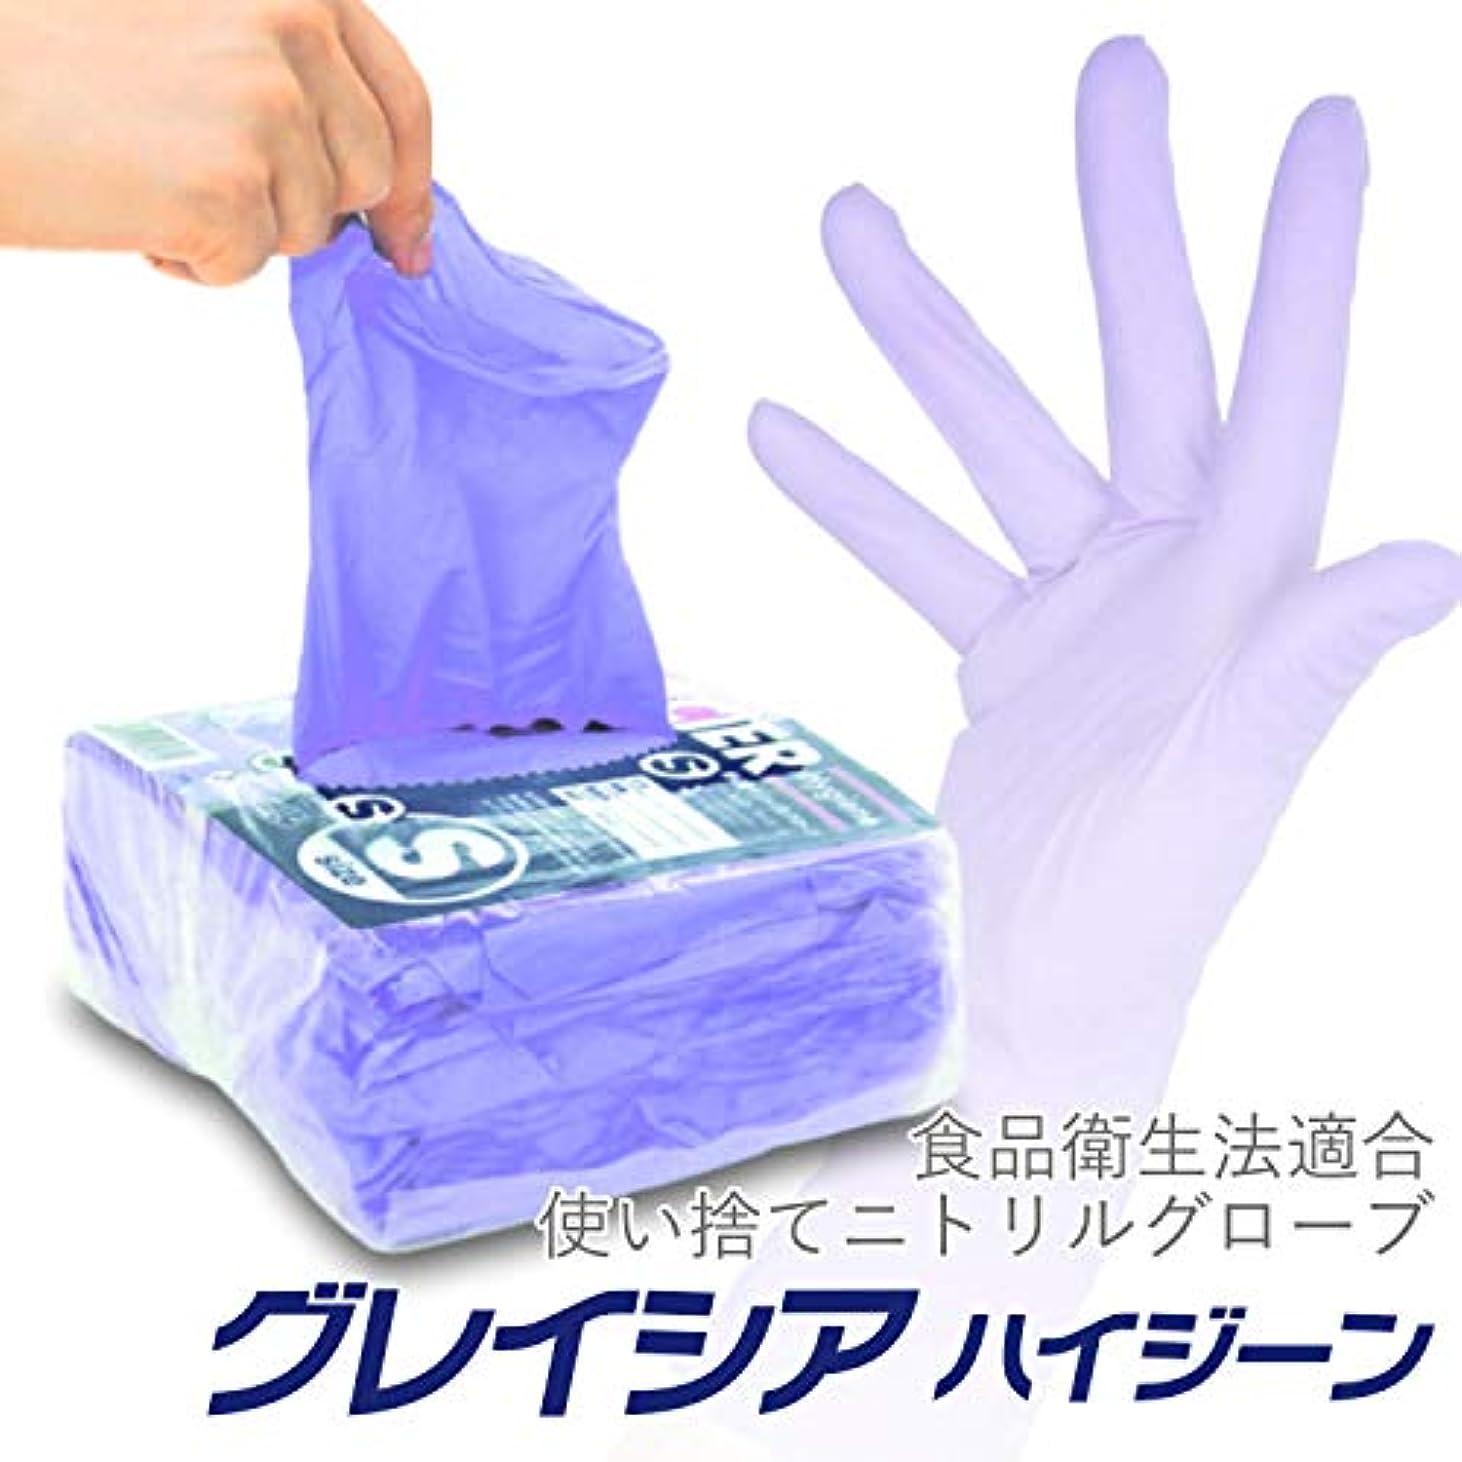 検体つなぐいっぱい食品衛生法適合 ニトリル手袋 グレイシアハイジーン Sサイズ 【お徳用:125枚/パック】 GH-02-01